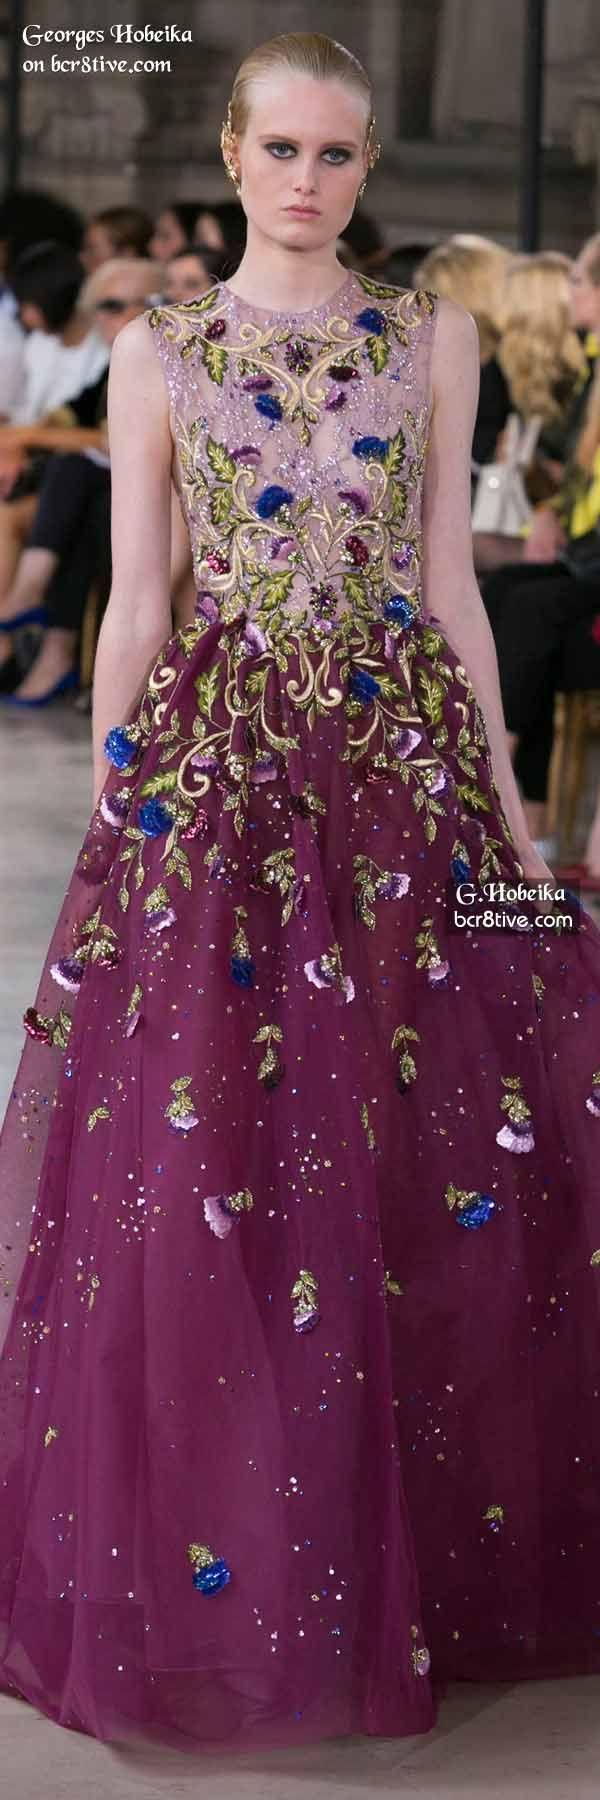 Hermosa Vestidos De Dama George Festooning - Vestido de Novia Para ...